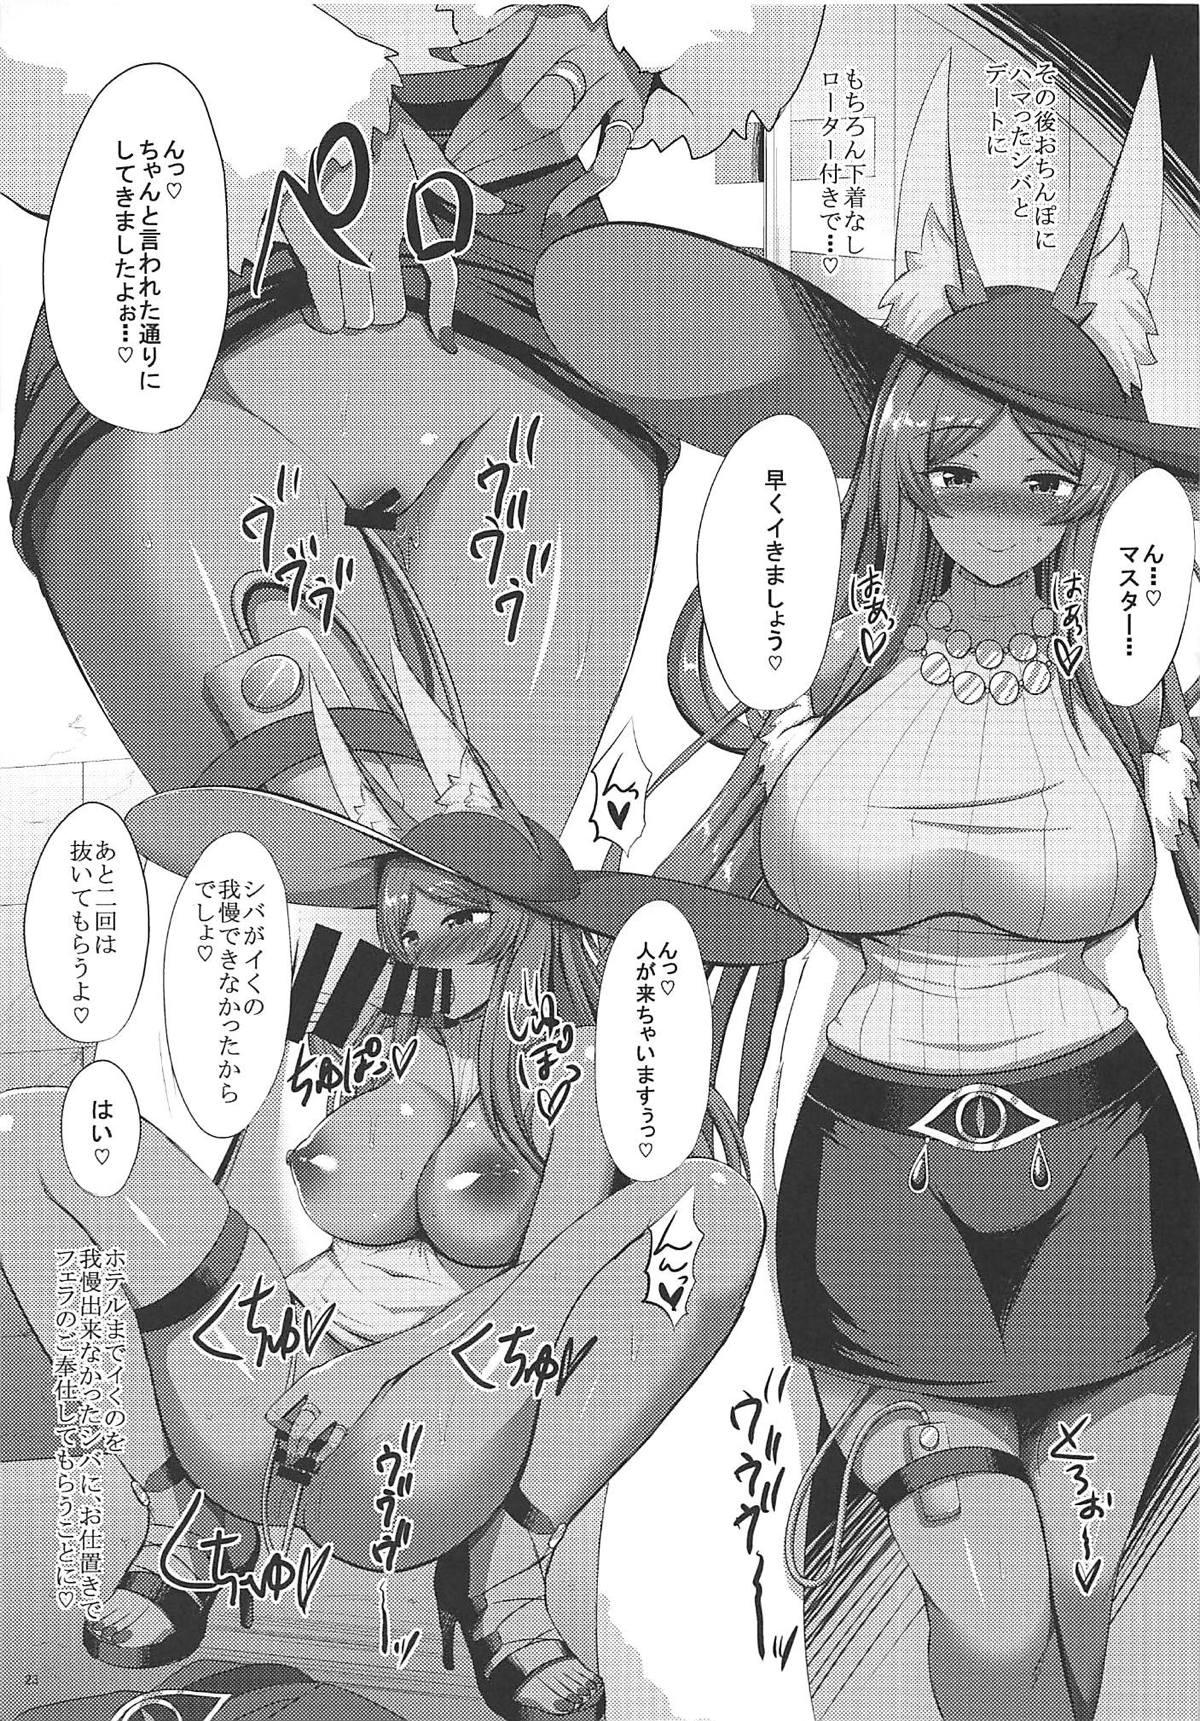 Kemomimi Joou o Hatsujou Sasetai 21